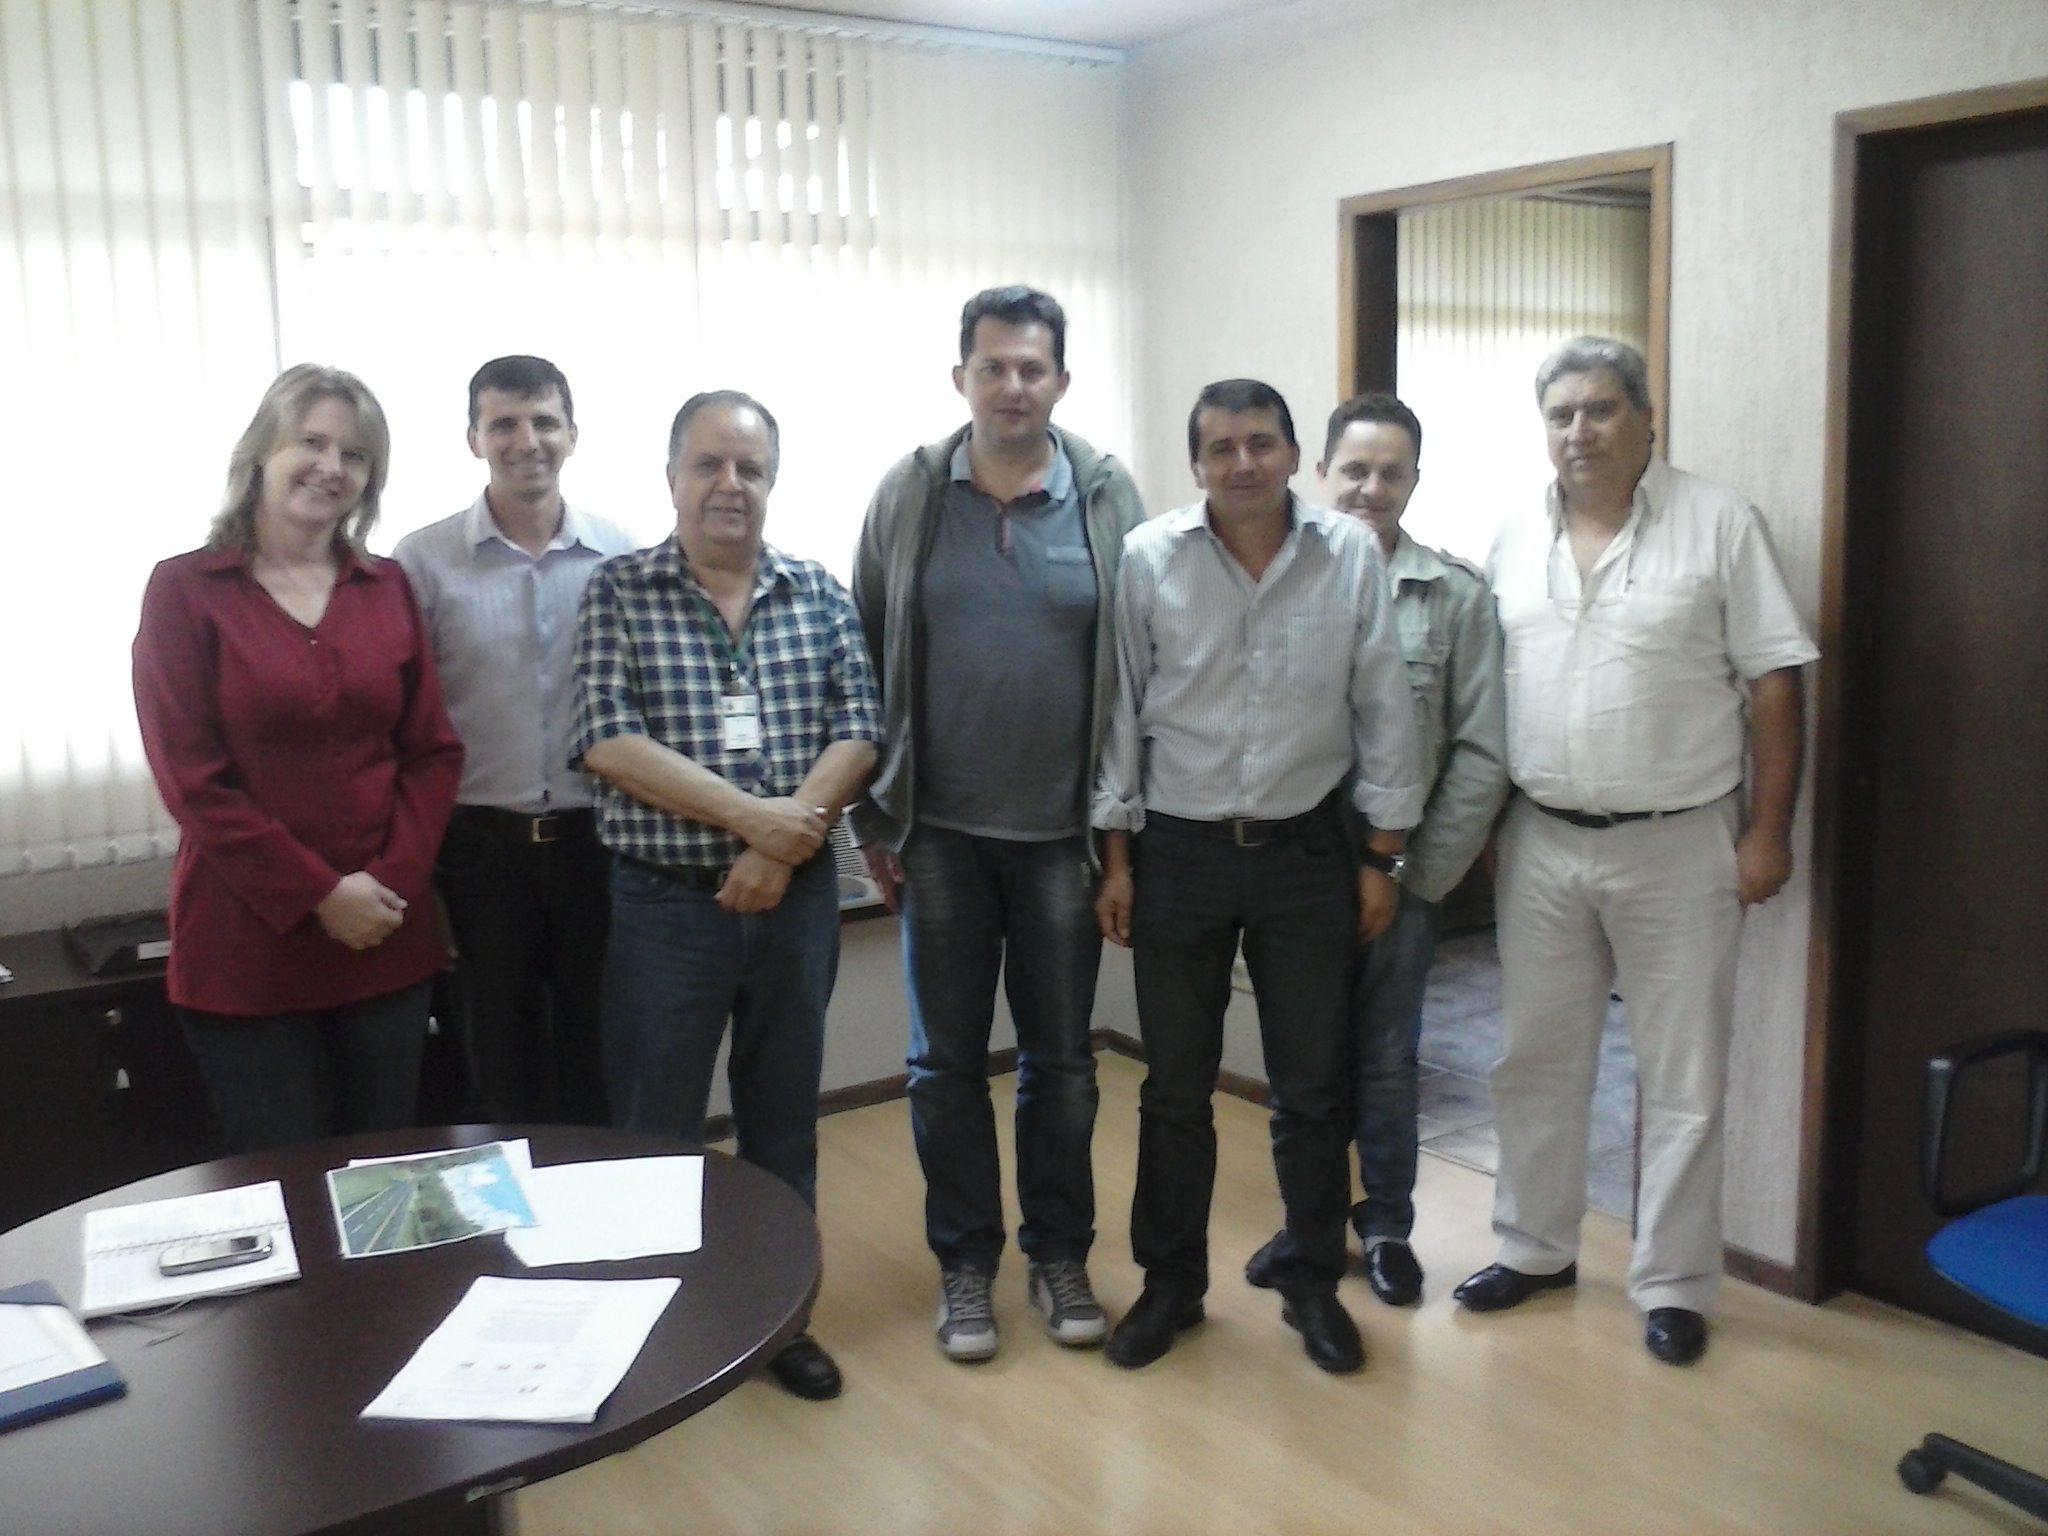 Superintend�ncia do DER/Ponta Grossa recebeu os pedidos das lideran�as locais